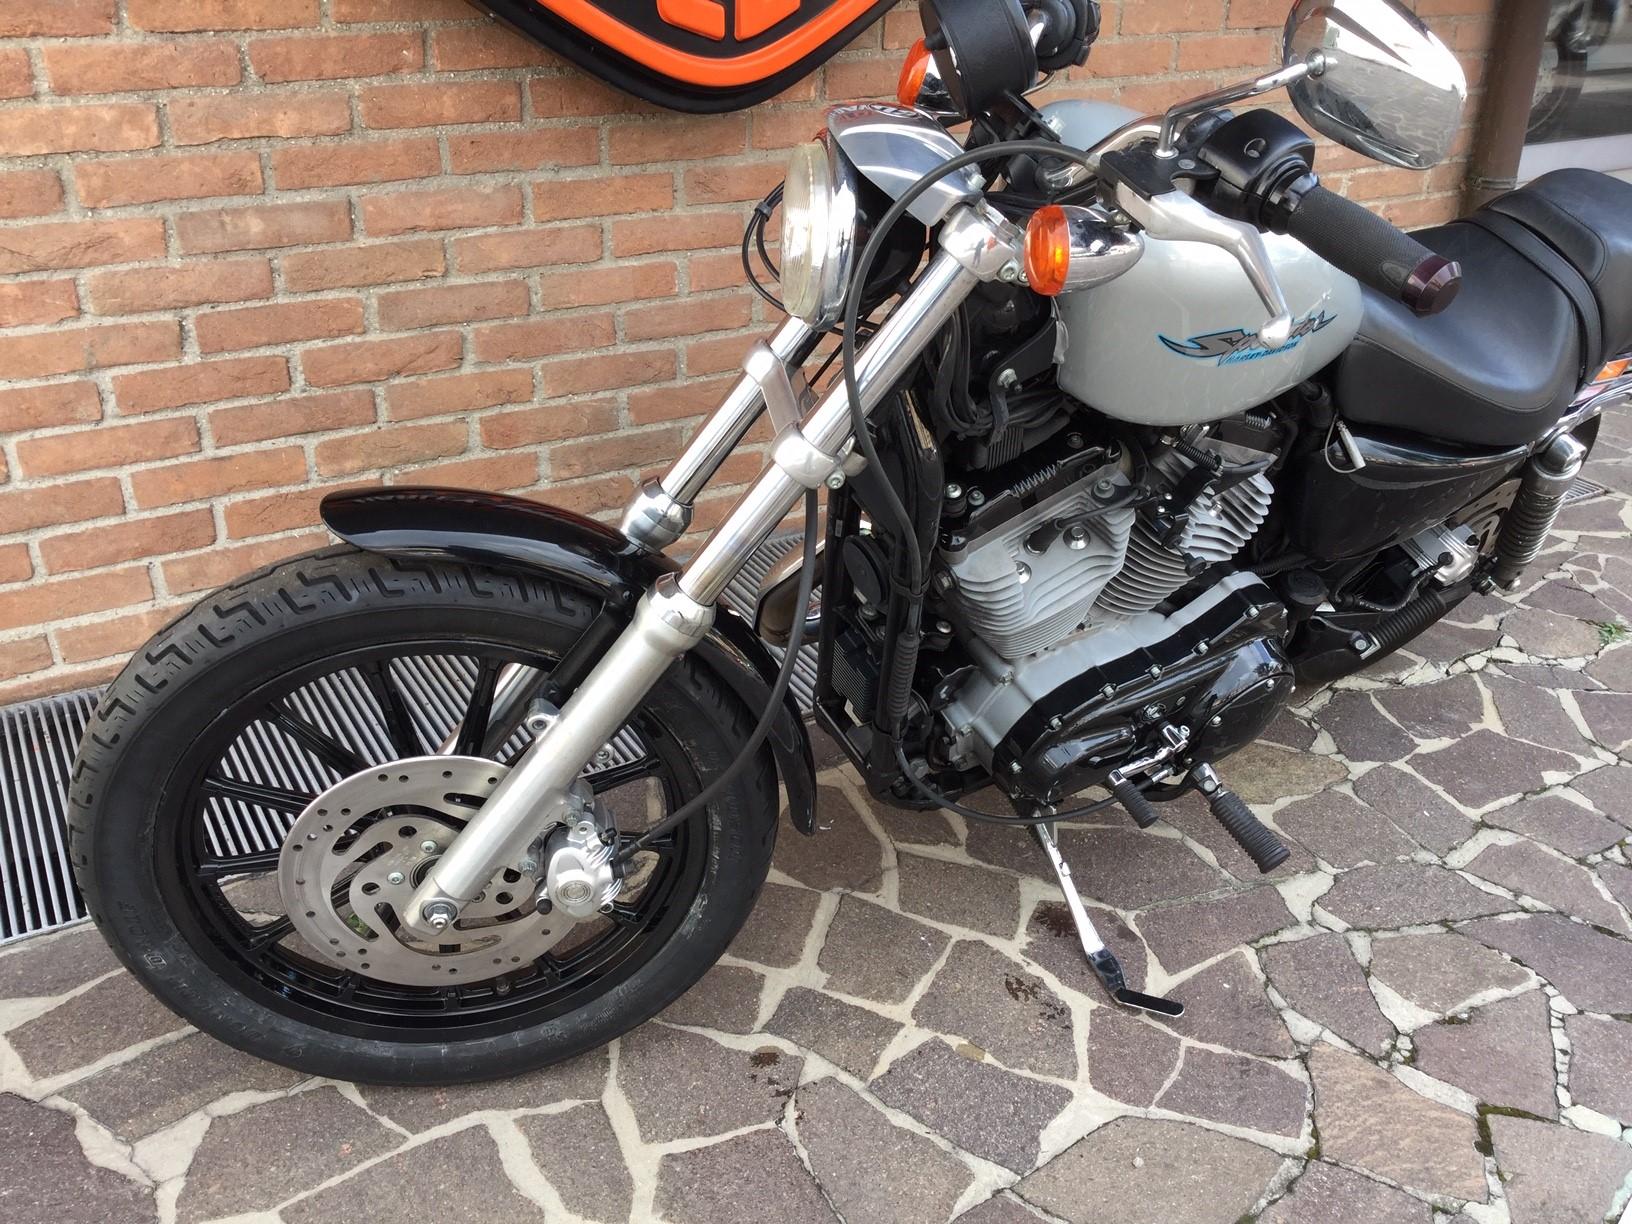 XL883 standard